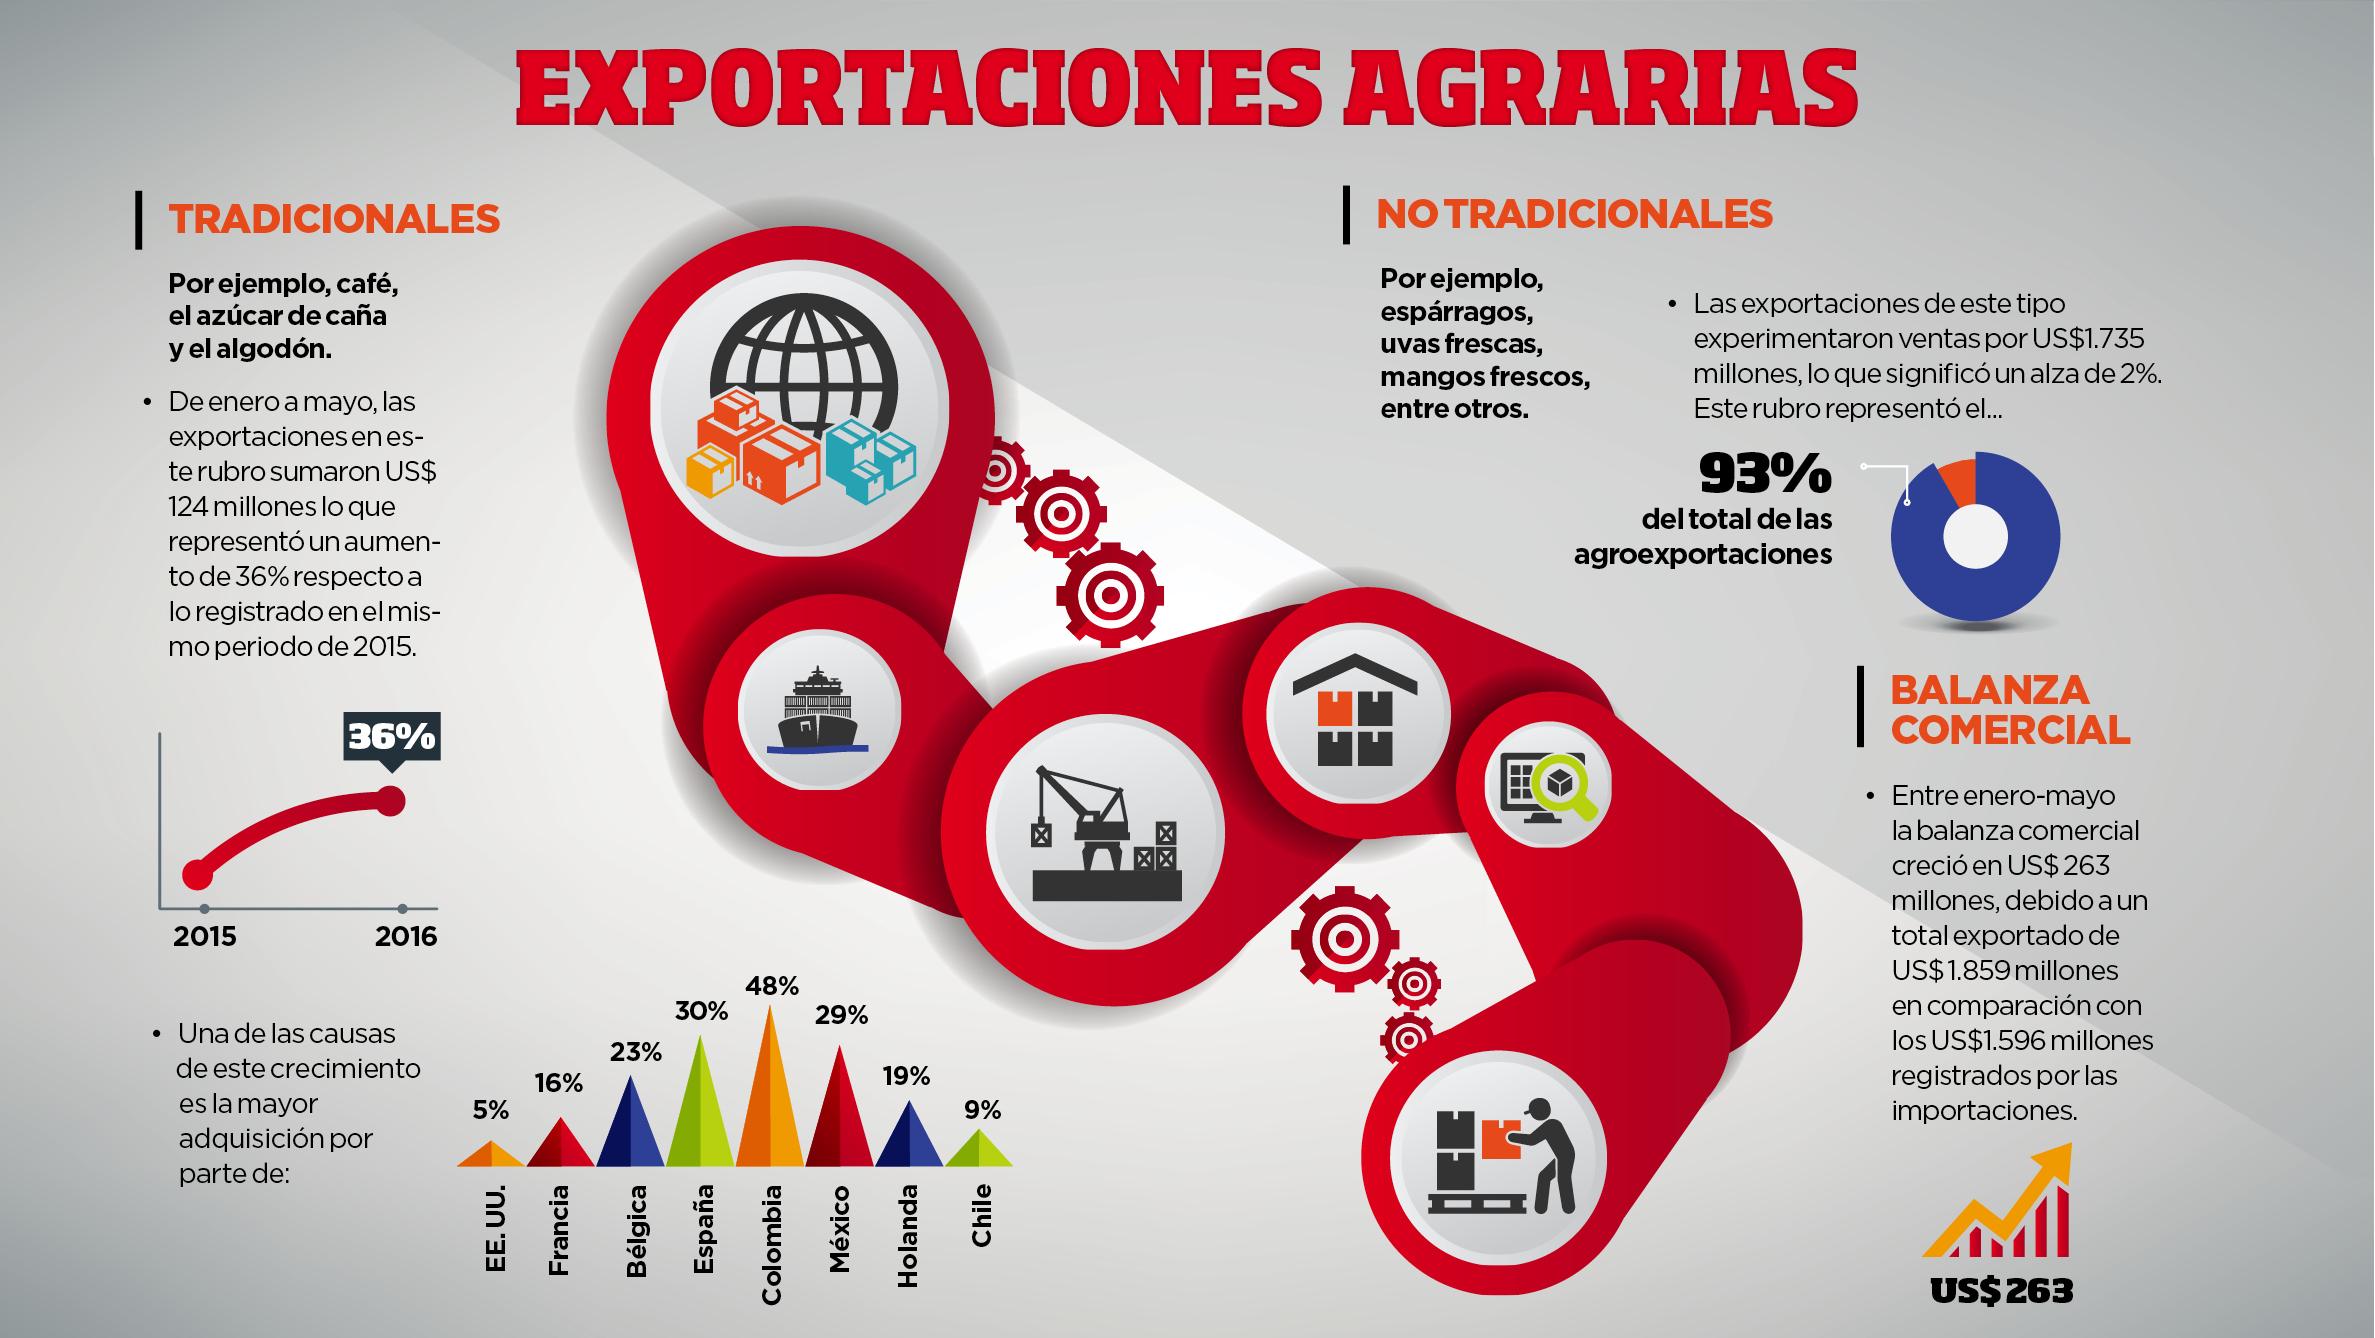 Comercio exterior: las exportaciones agrarias en cifras